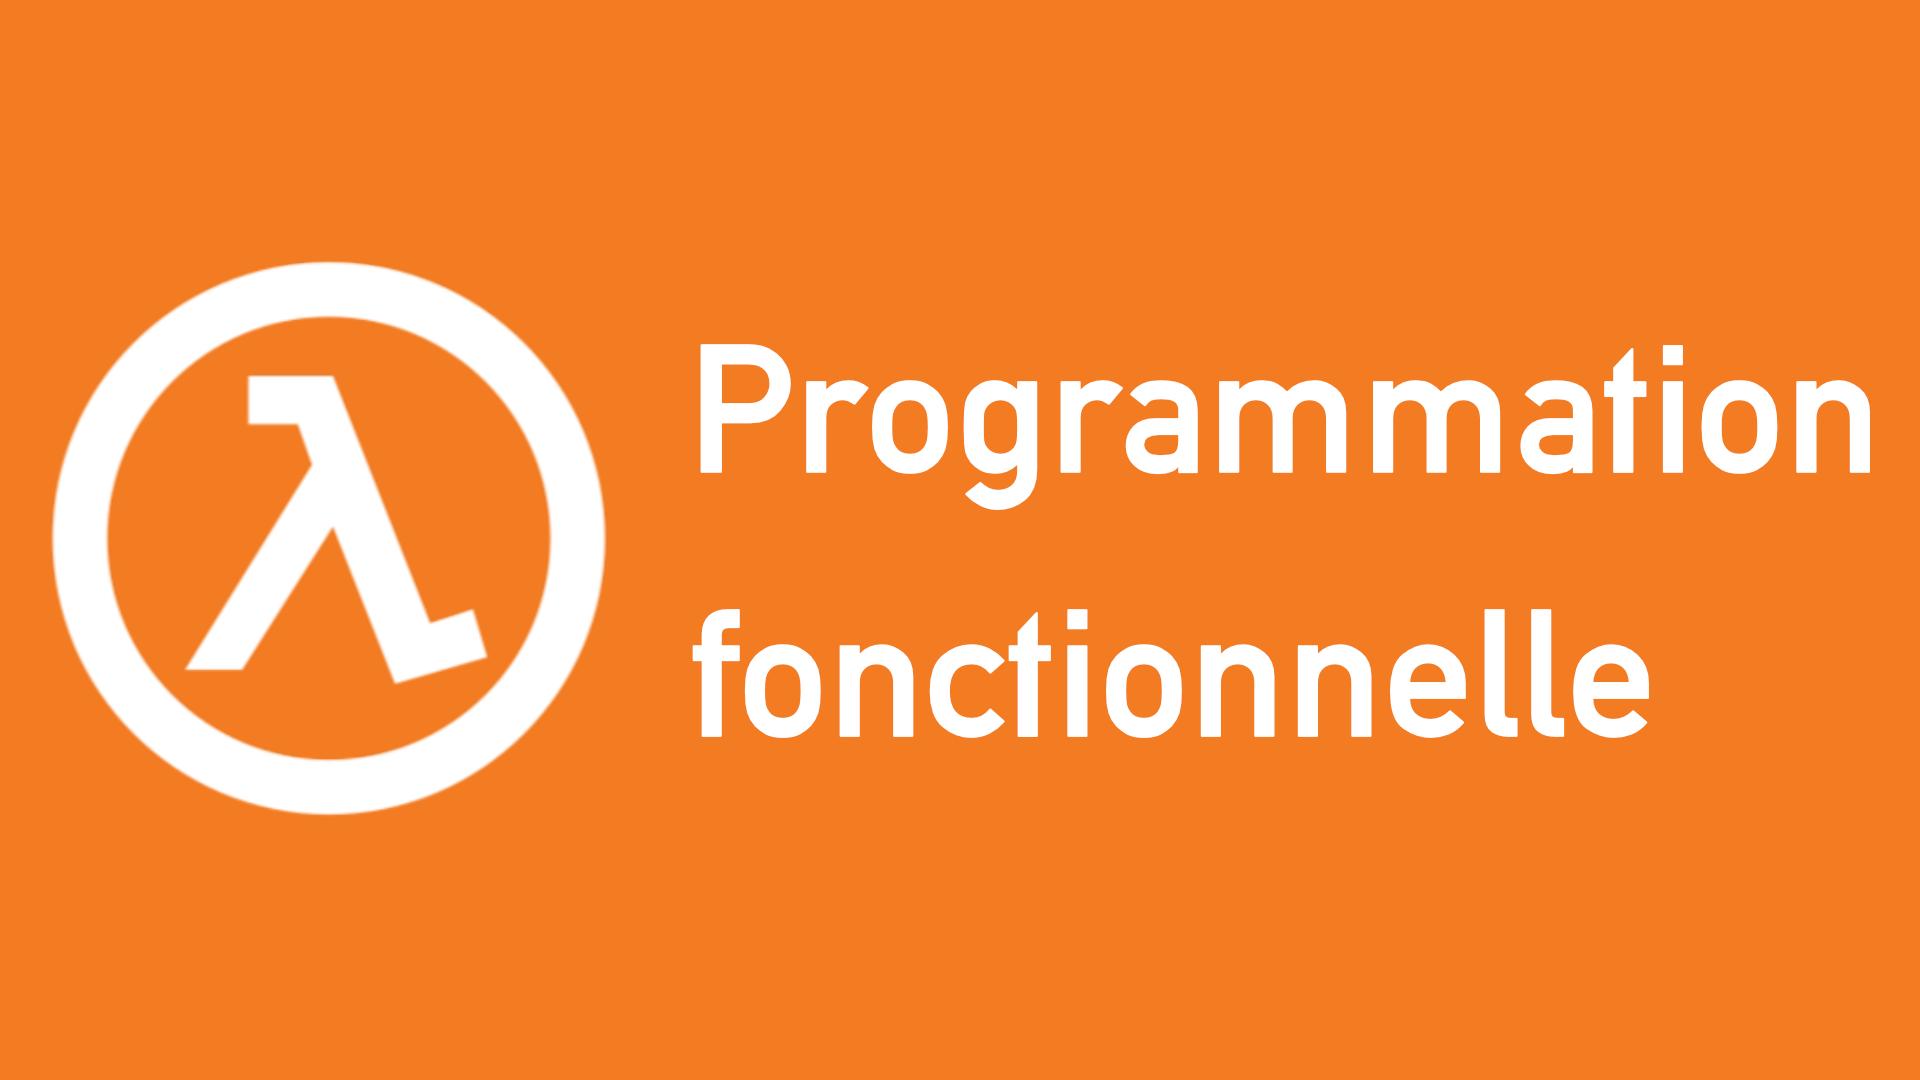 La programmation fonctionnelle démystifiée : pourquoi et comment ?